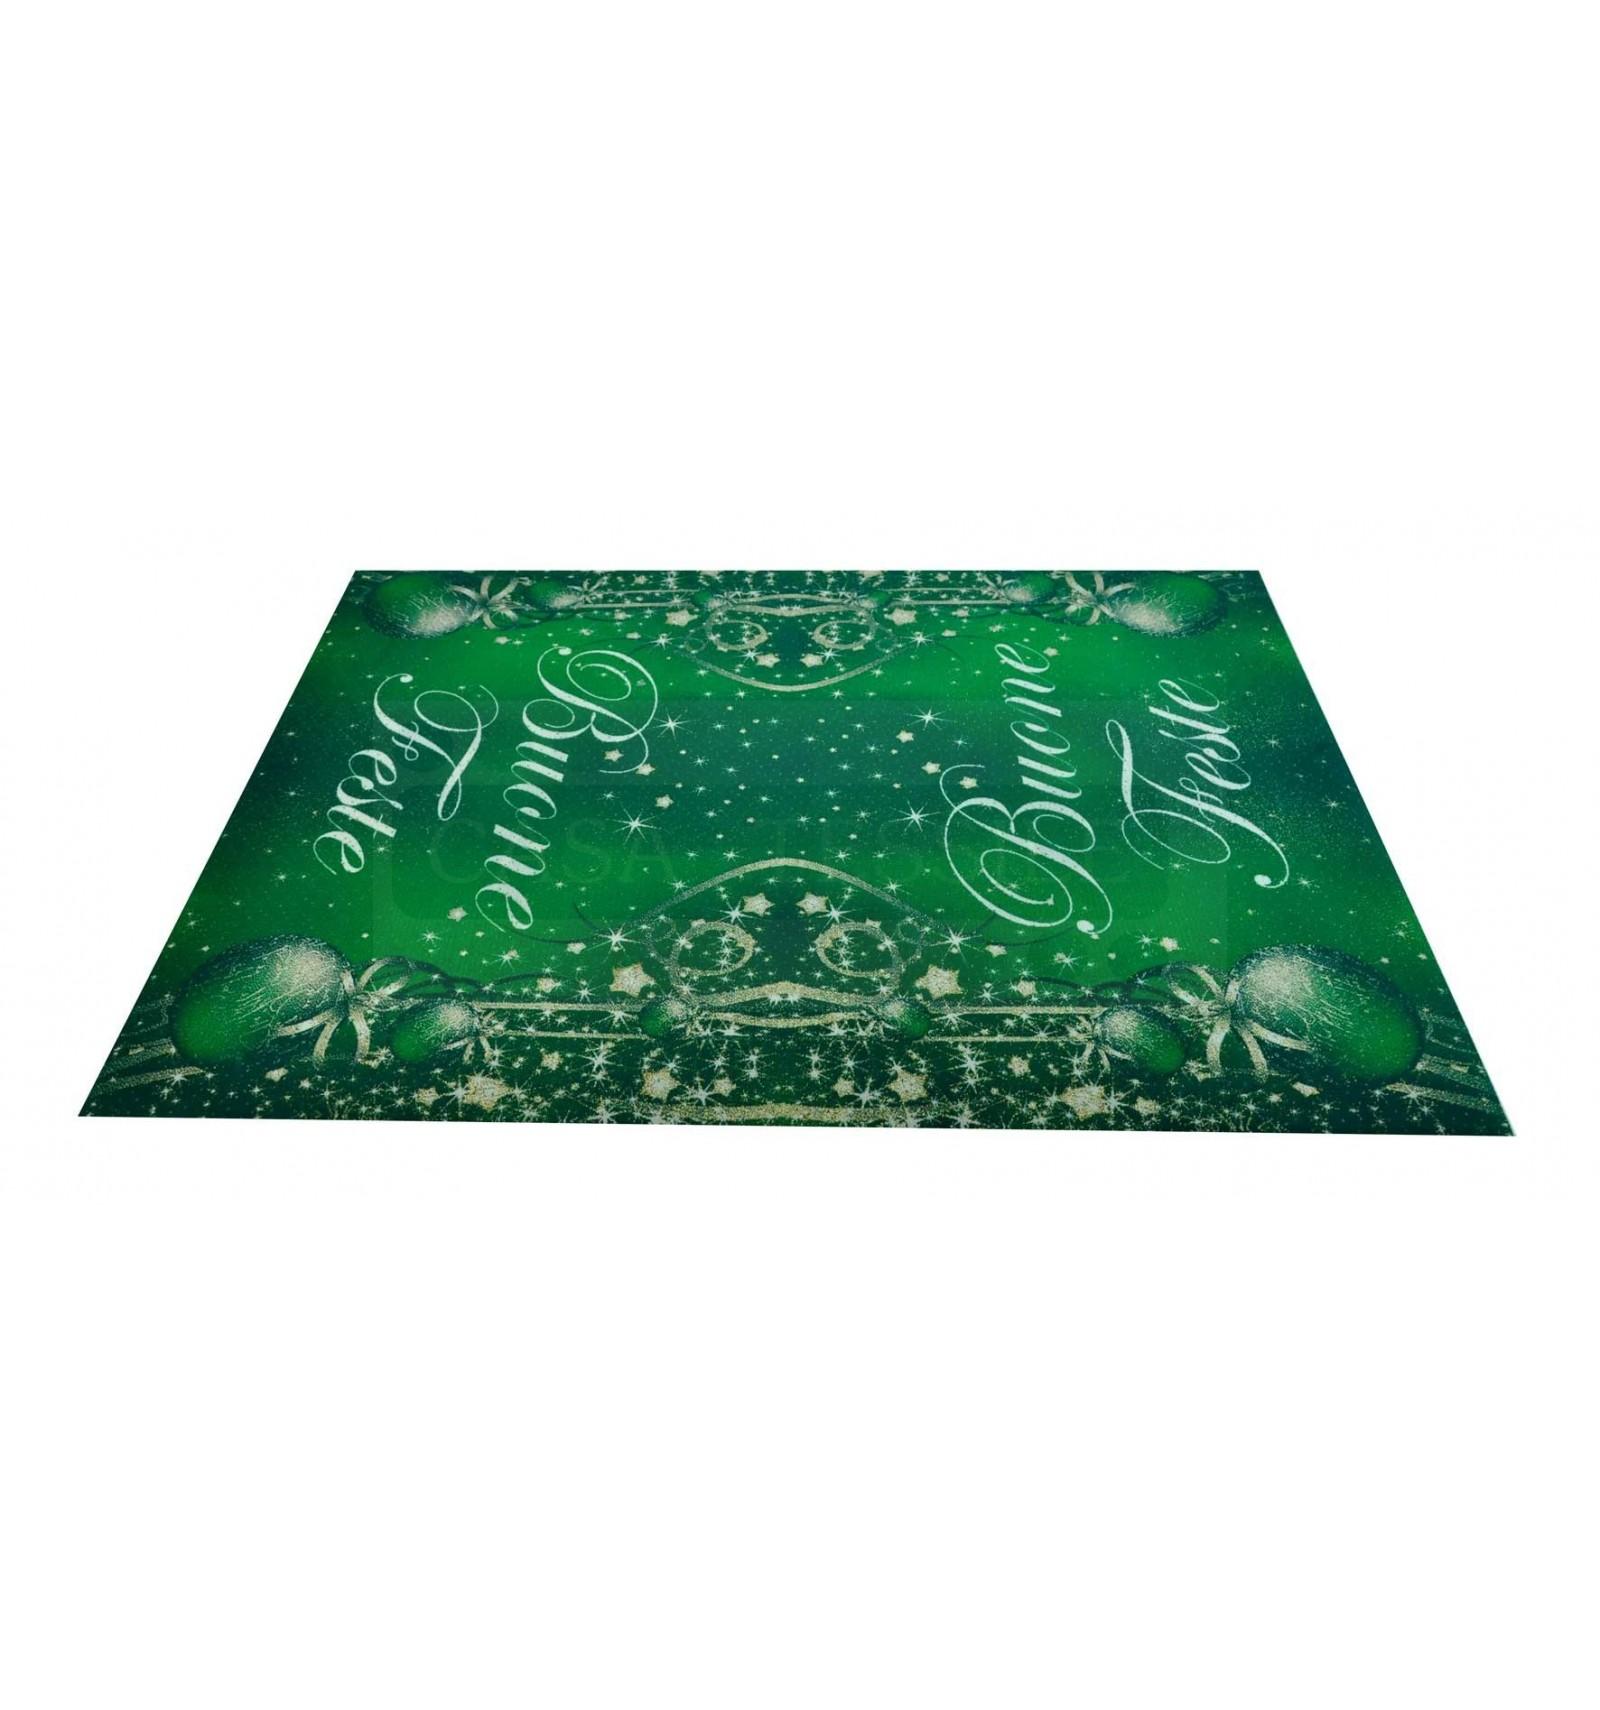 Gruner Teppich